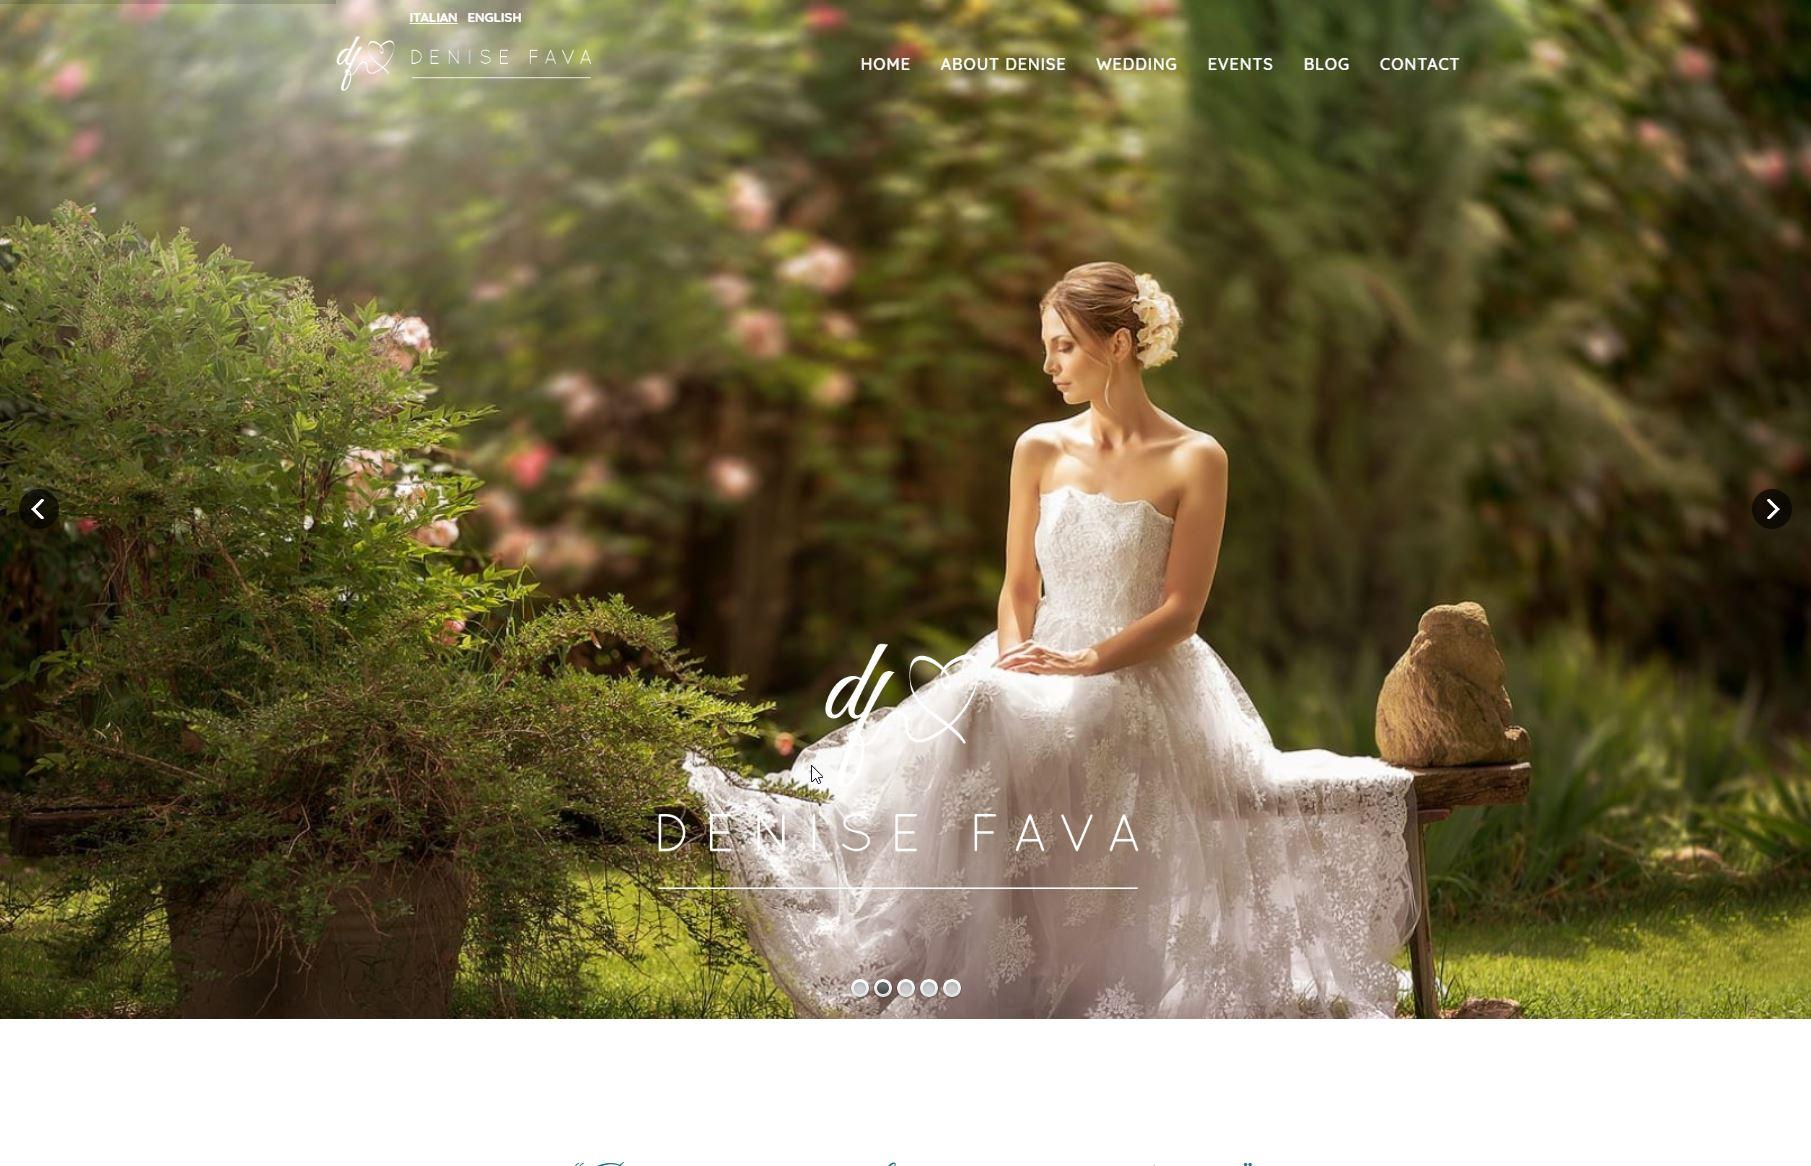 www.denisefava.it